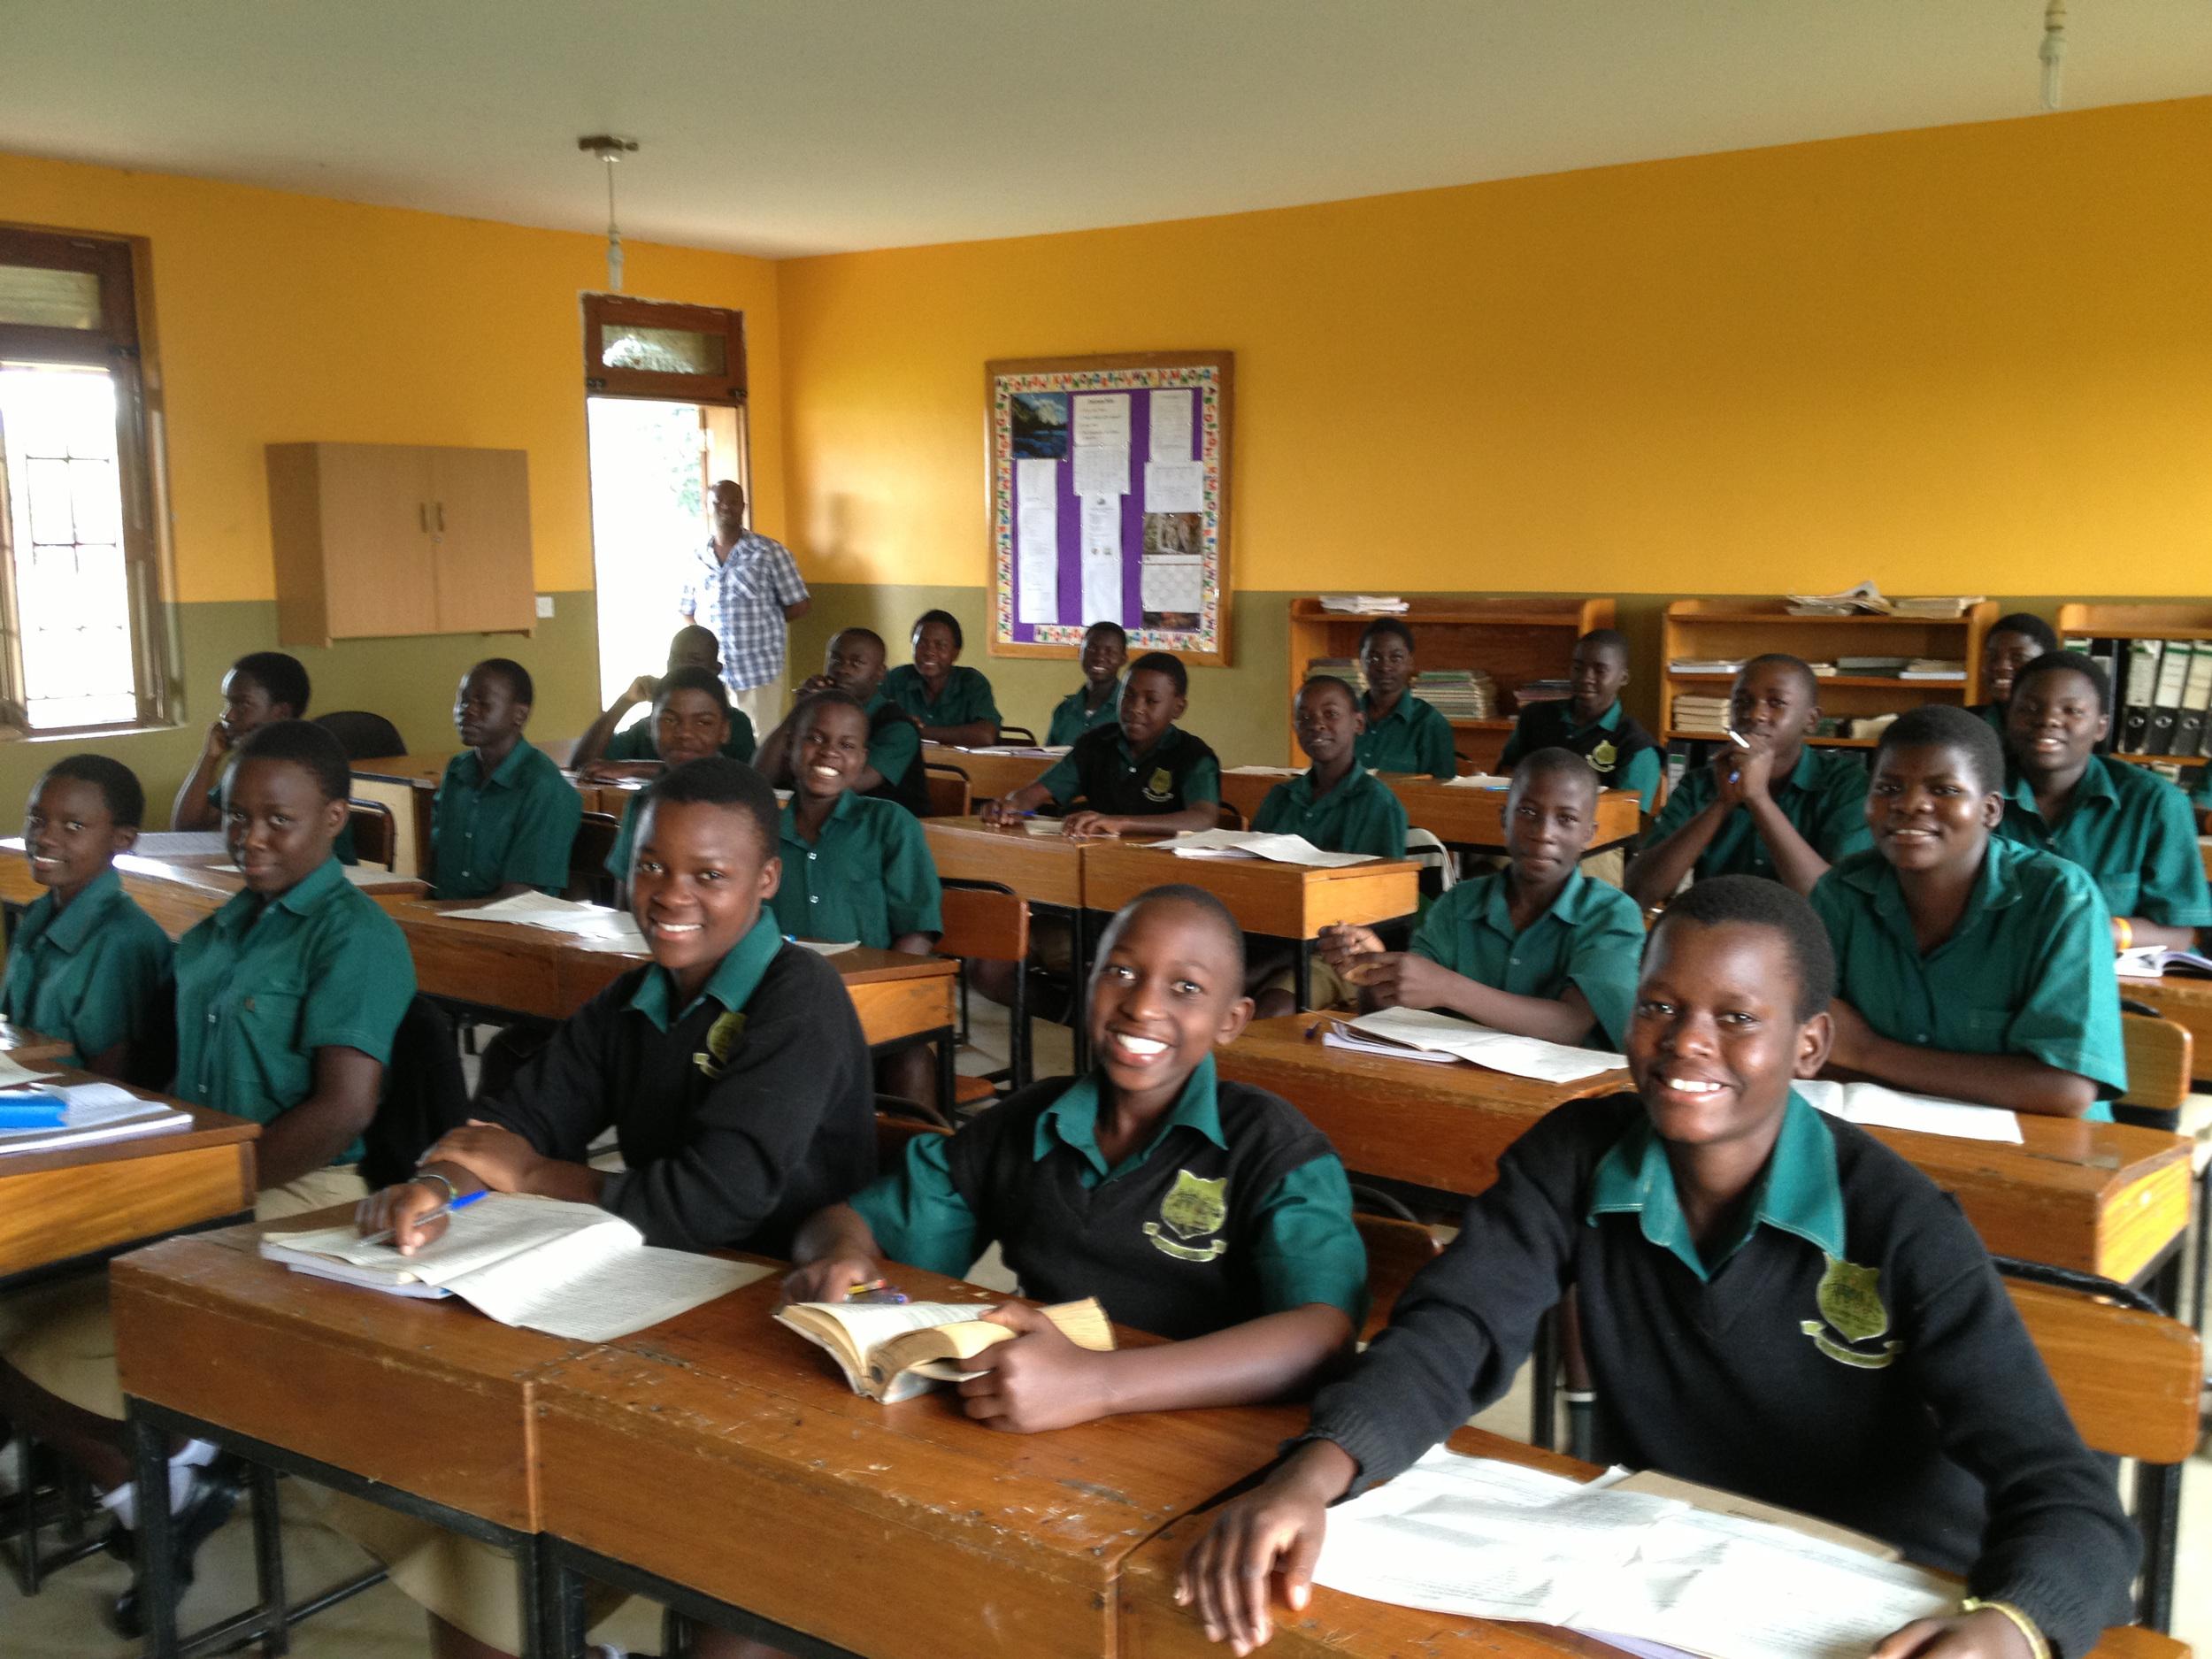 AfrChildChoir-classroom.jpg